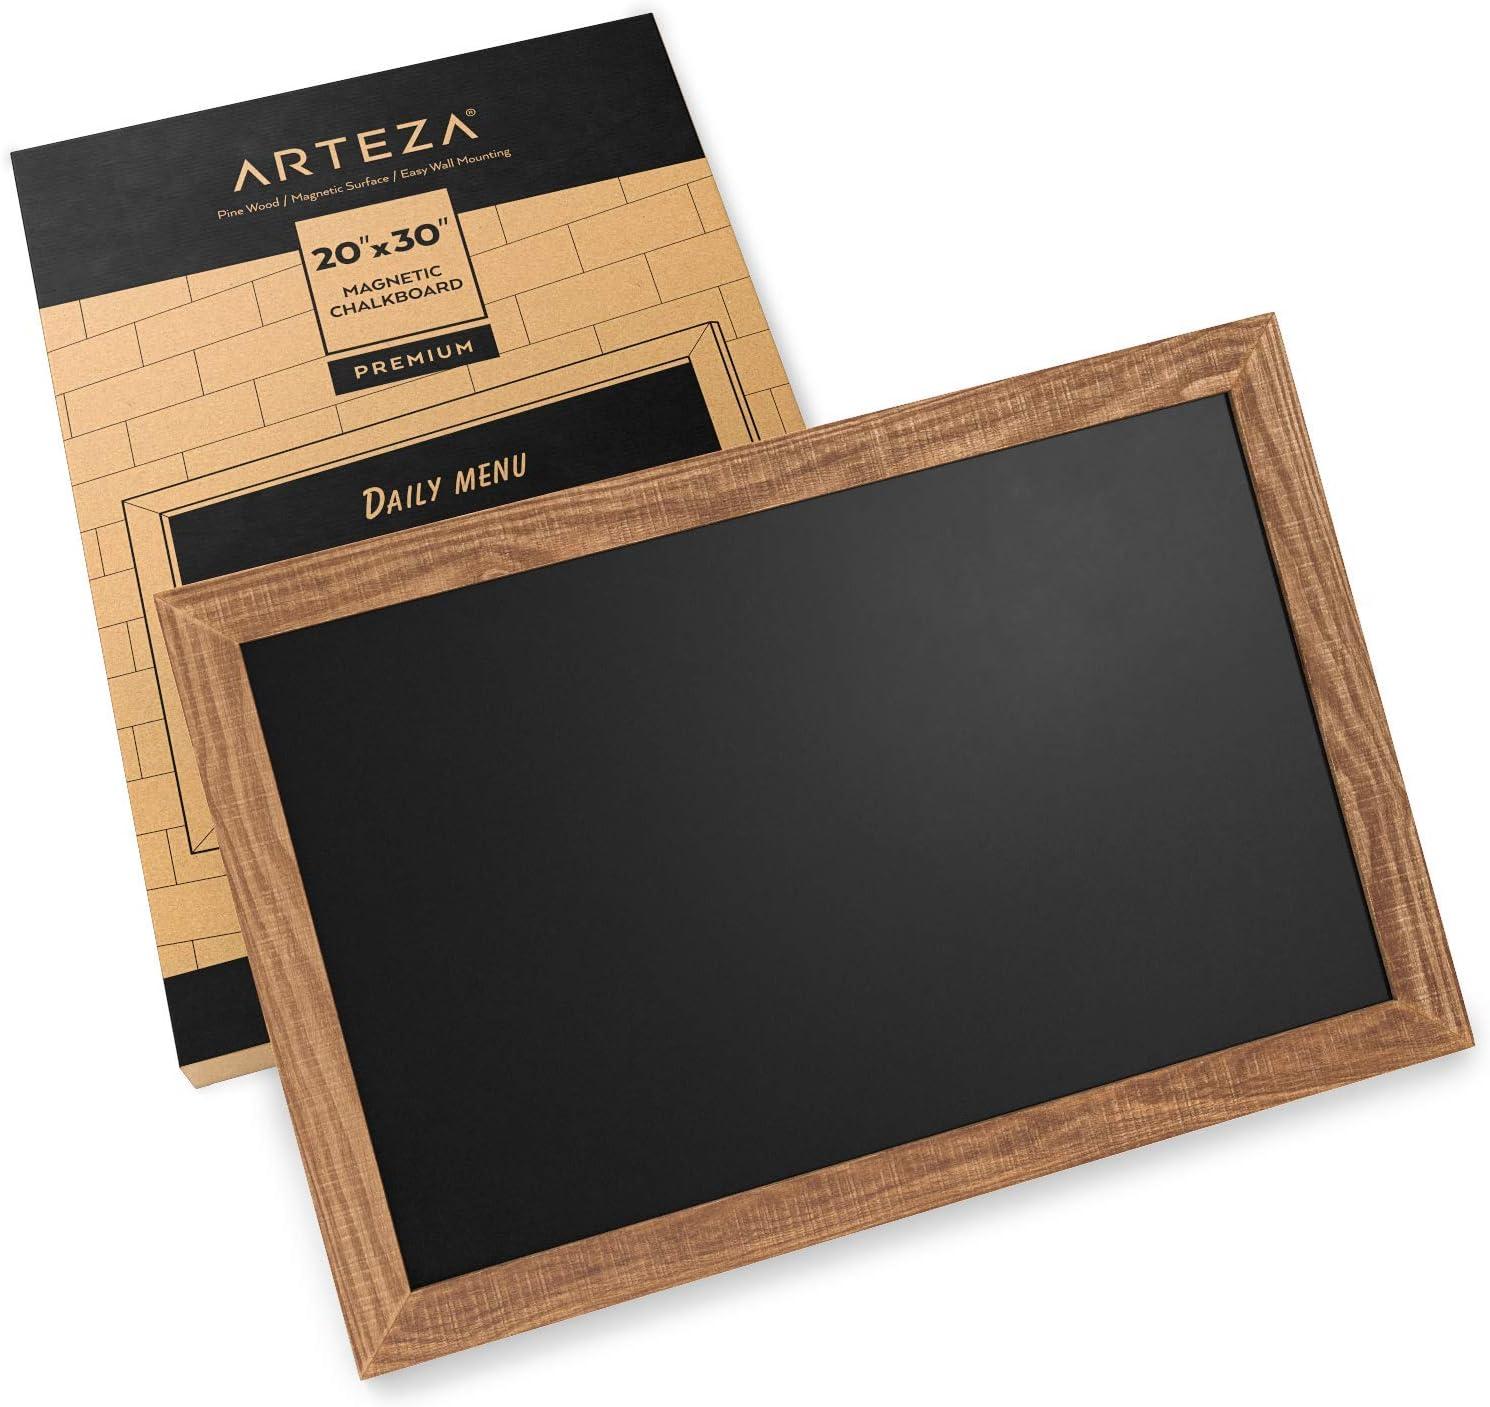 rustic wedding restaurant chalkboard playroom dec office decor message center 27x37magnet board SUPERSIZE framed magnetic chalkboard